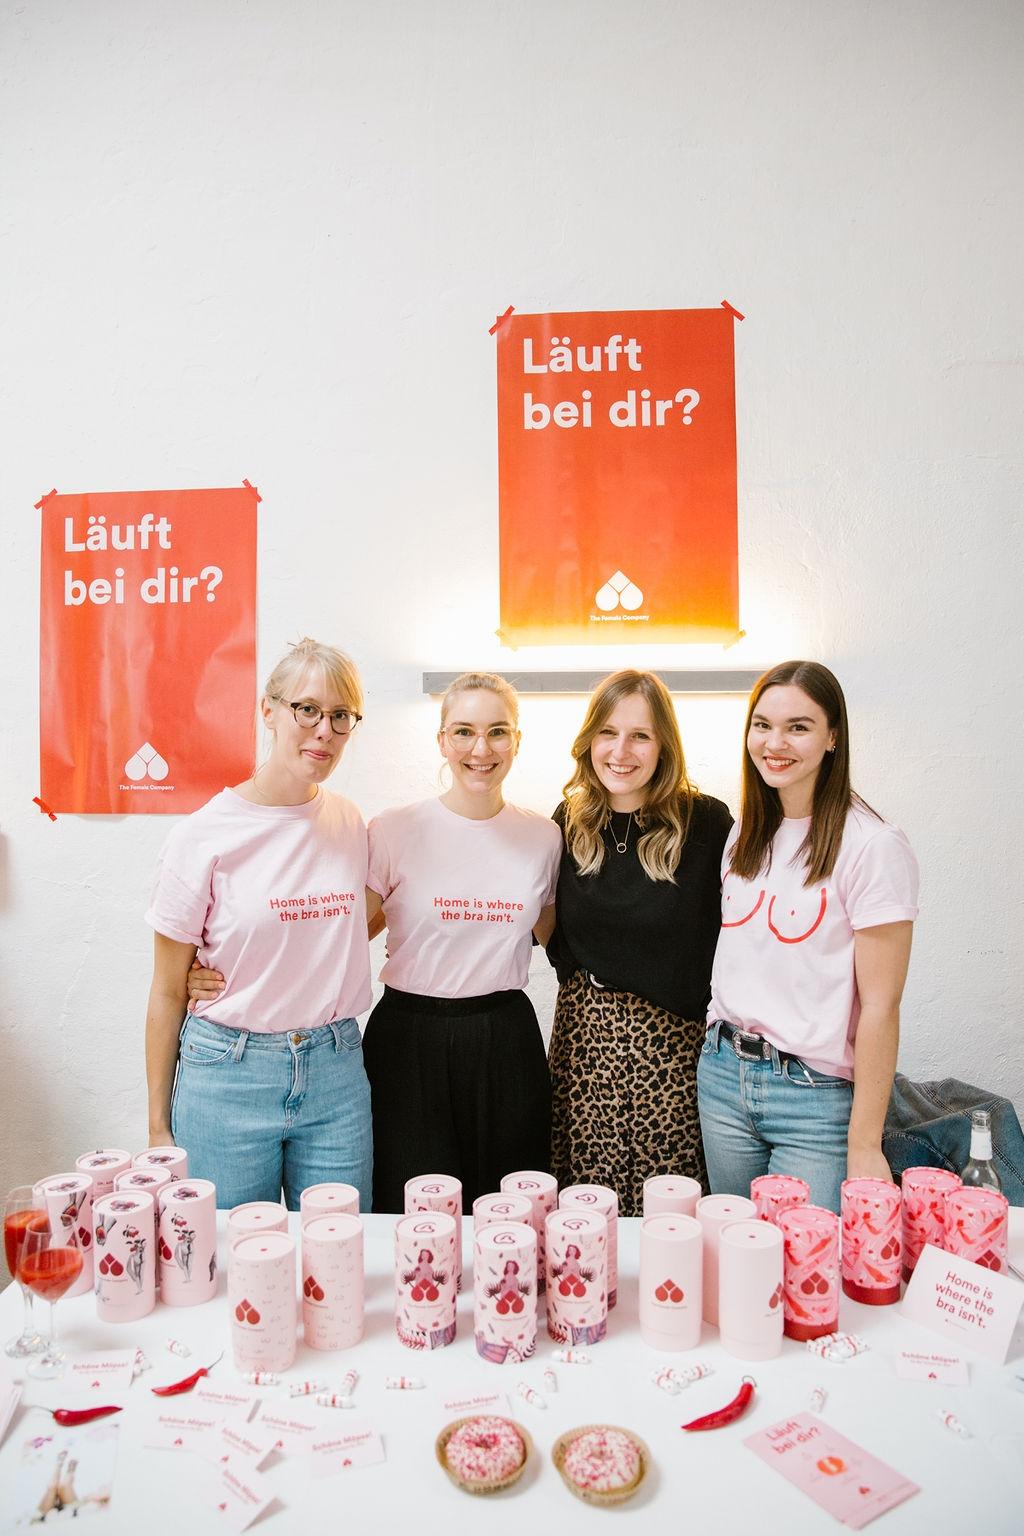 femboss-festival-stuttgart-female-company